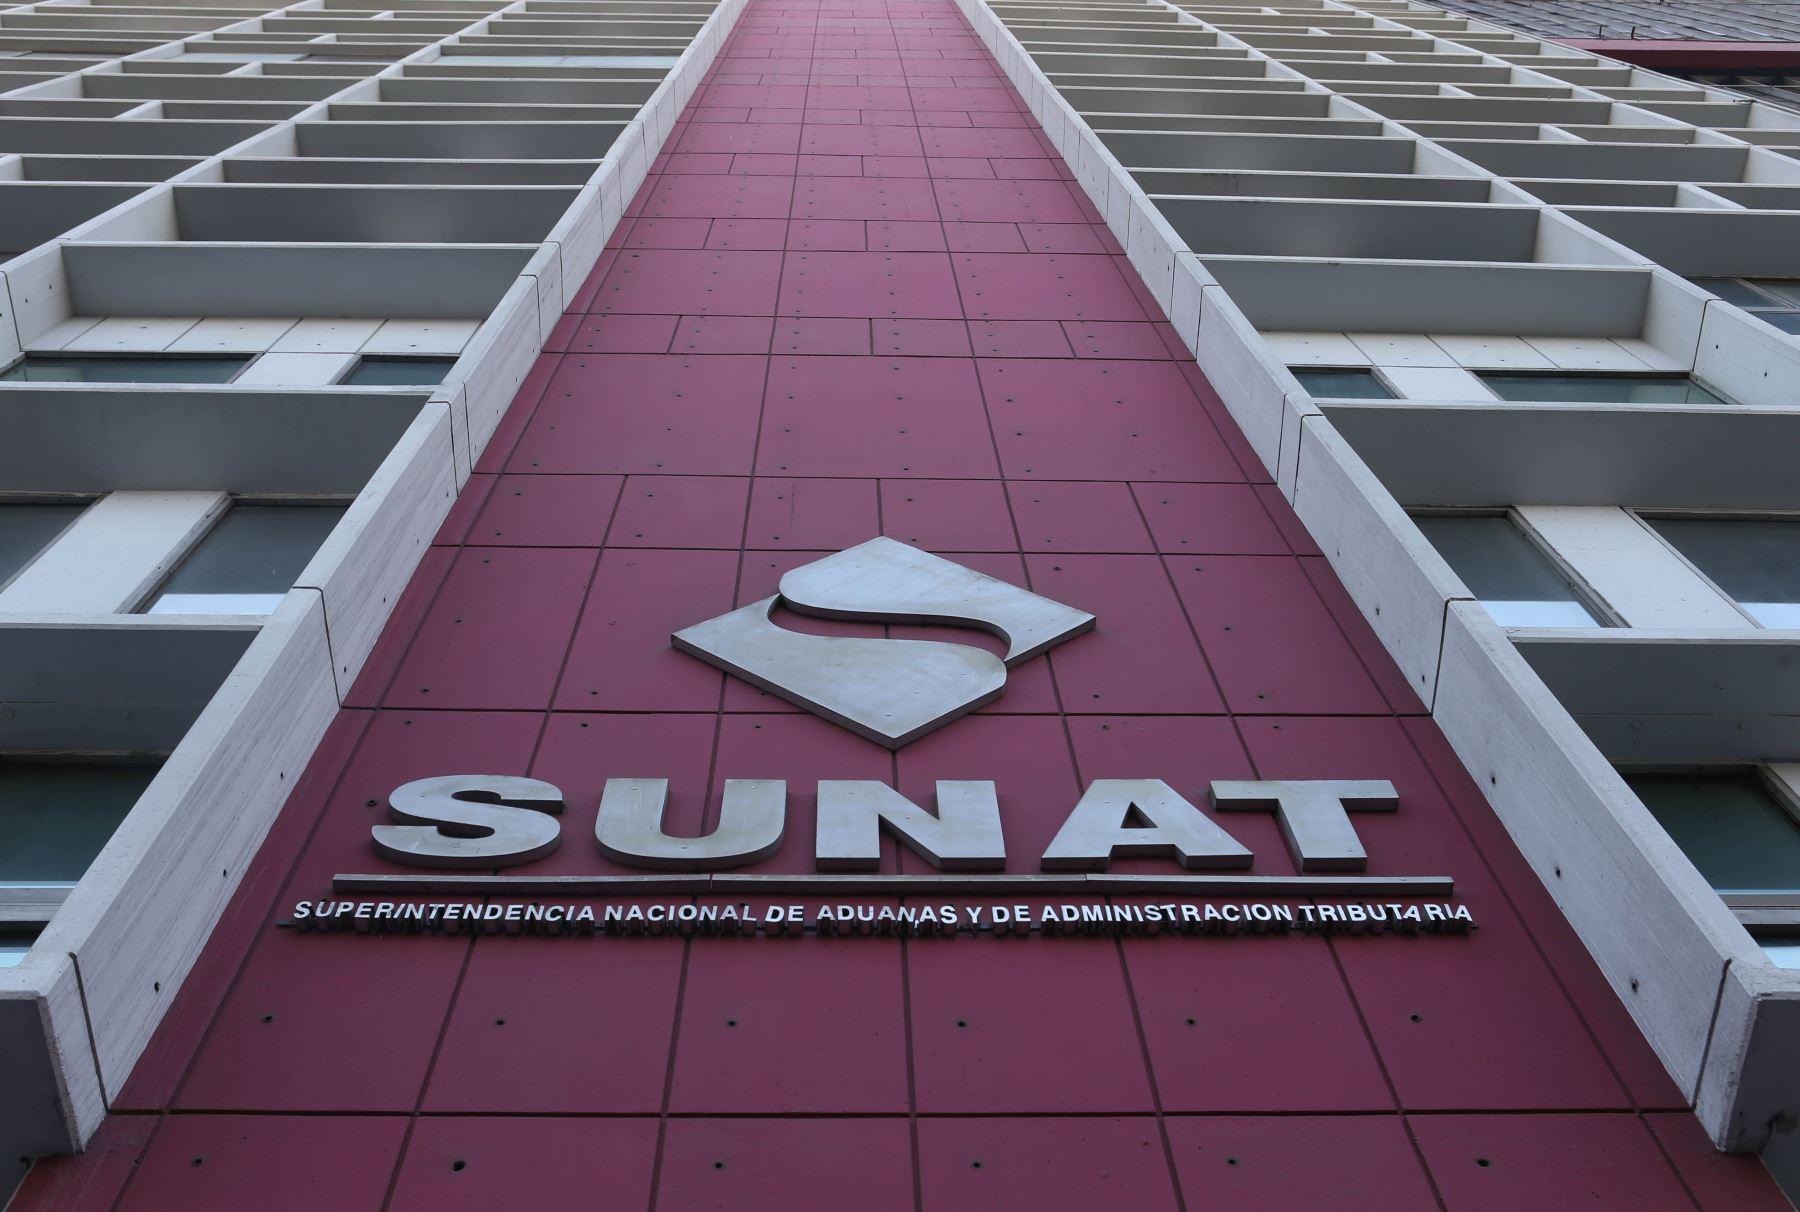 Superintendencia Nacional de Aduanas y de Administración Tributaria (Sunat)